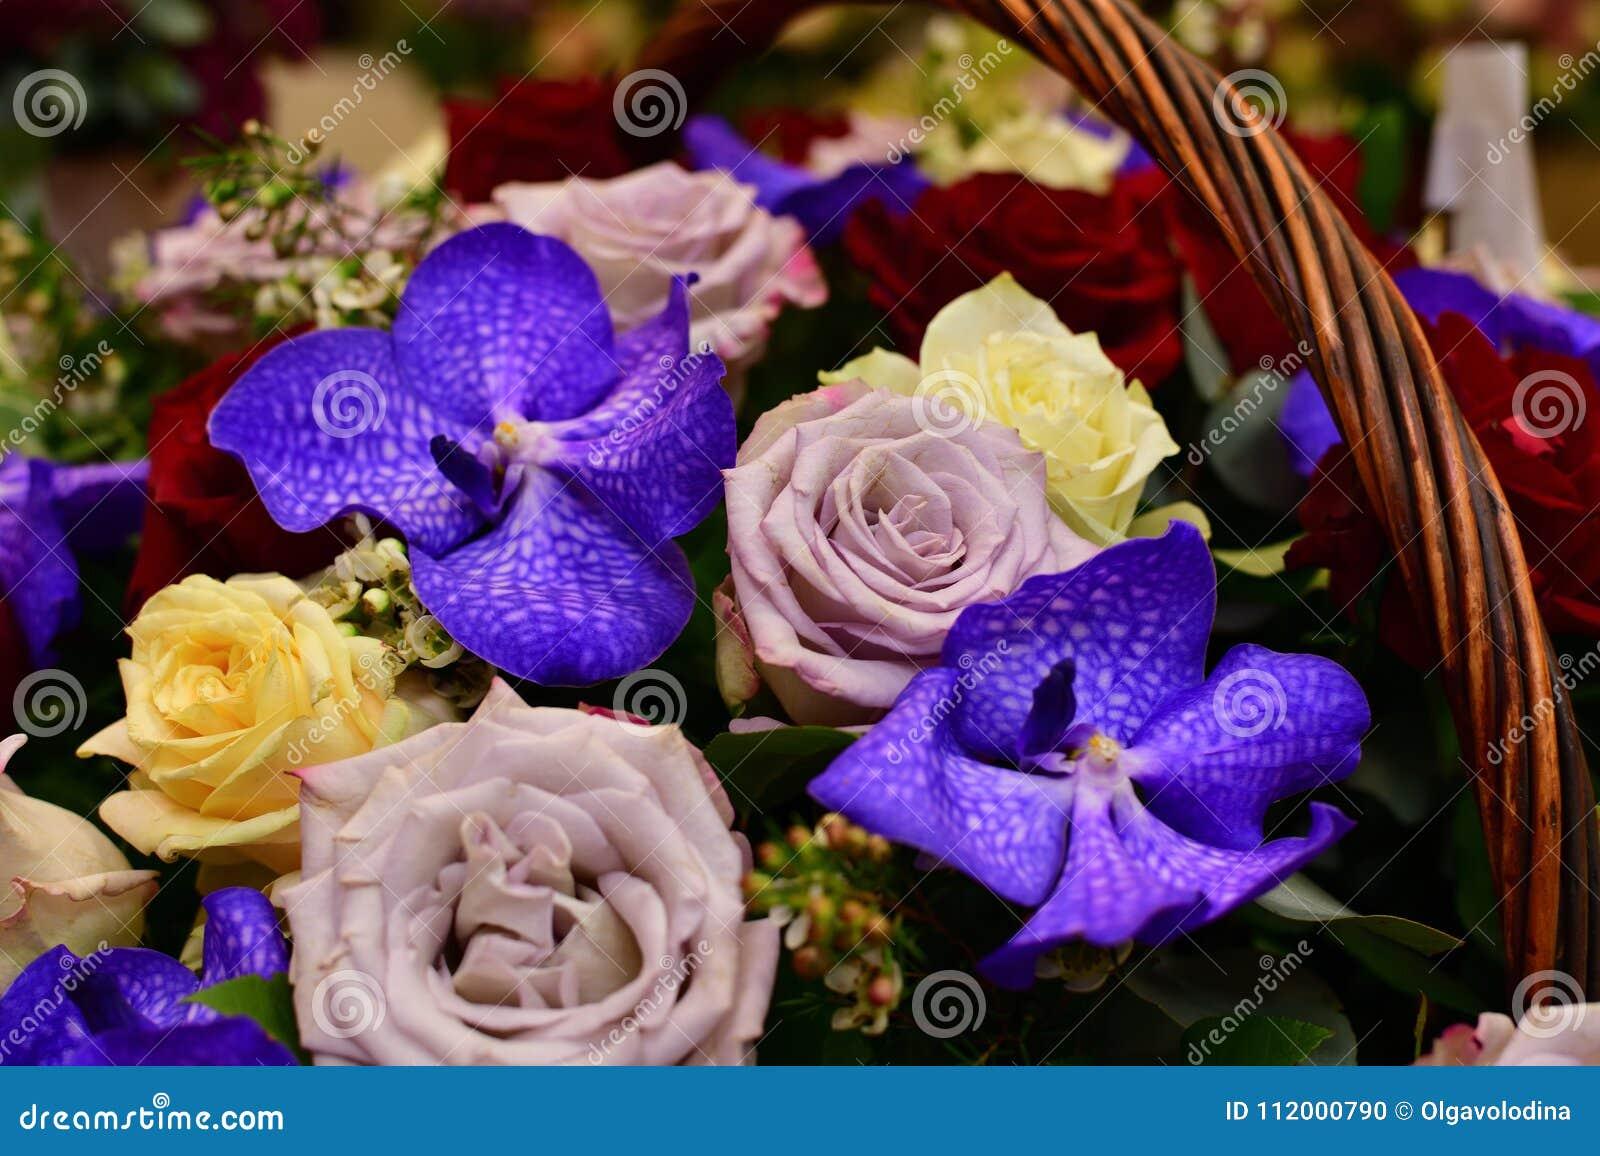 Bouquet of flowers in wicker basket